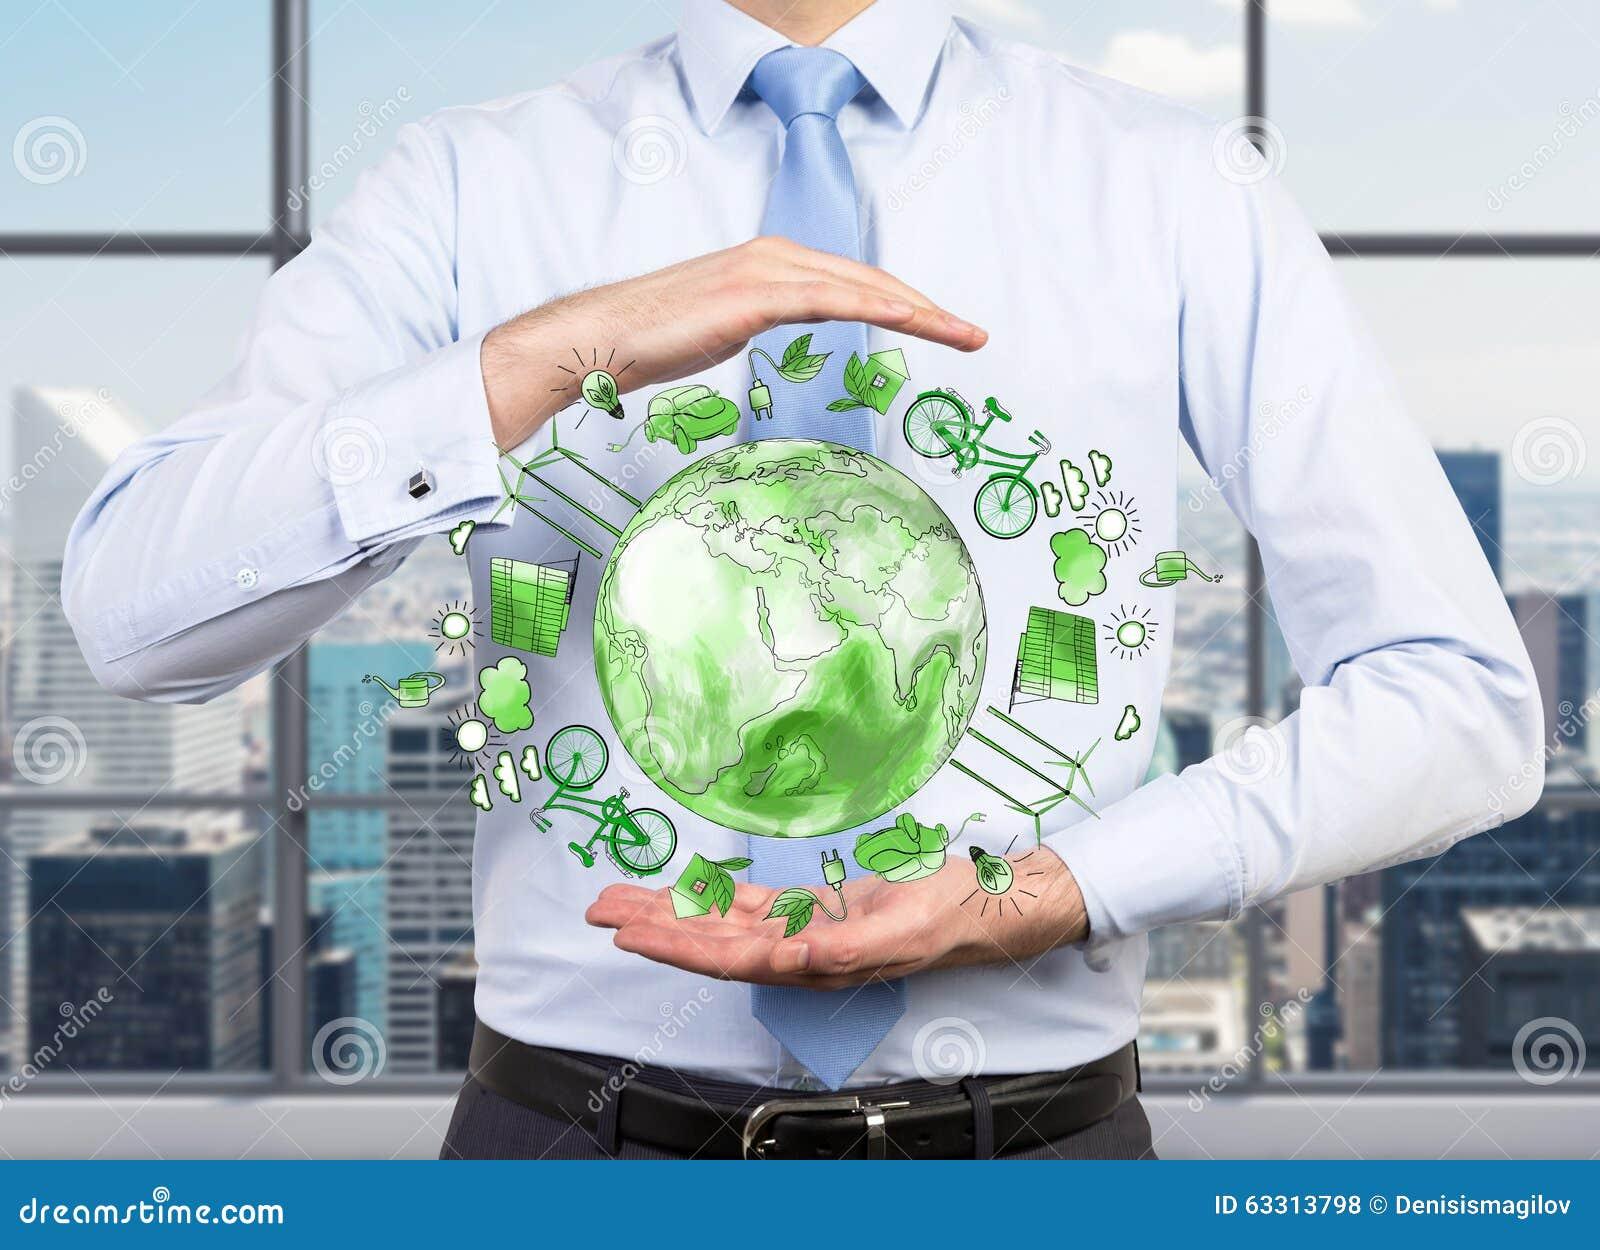 Équipez les soins de l environnement propre, énergie d eco, protection